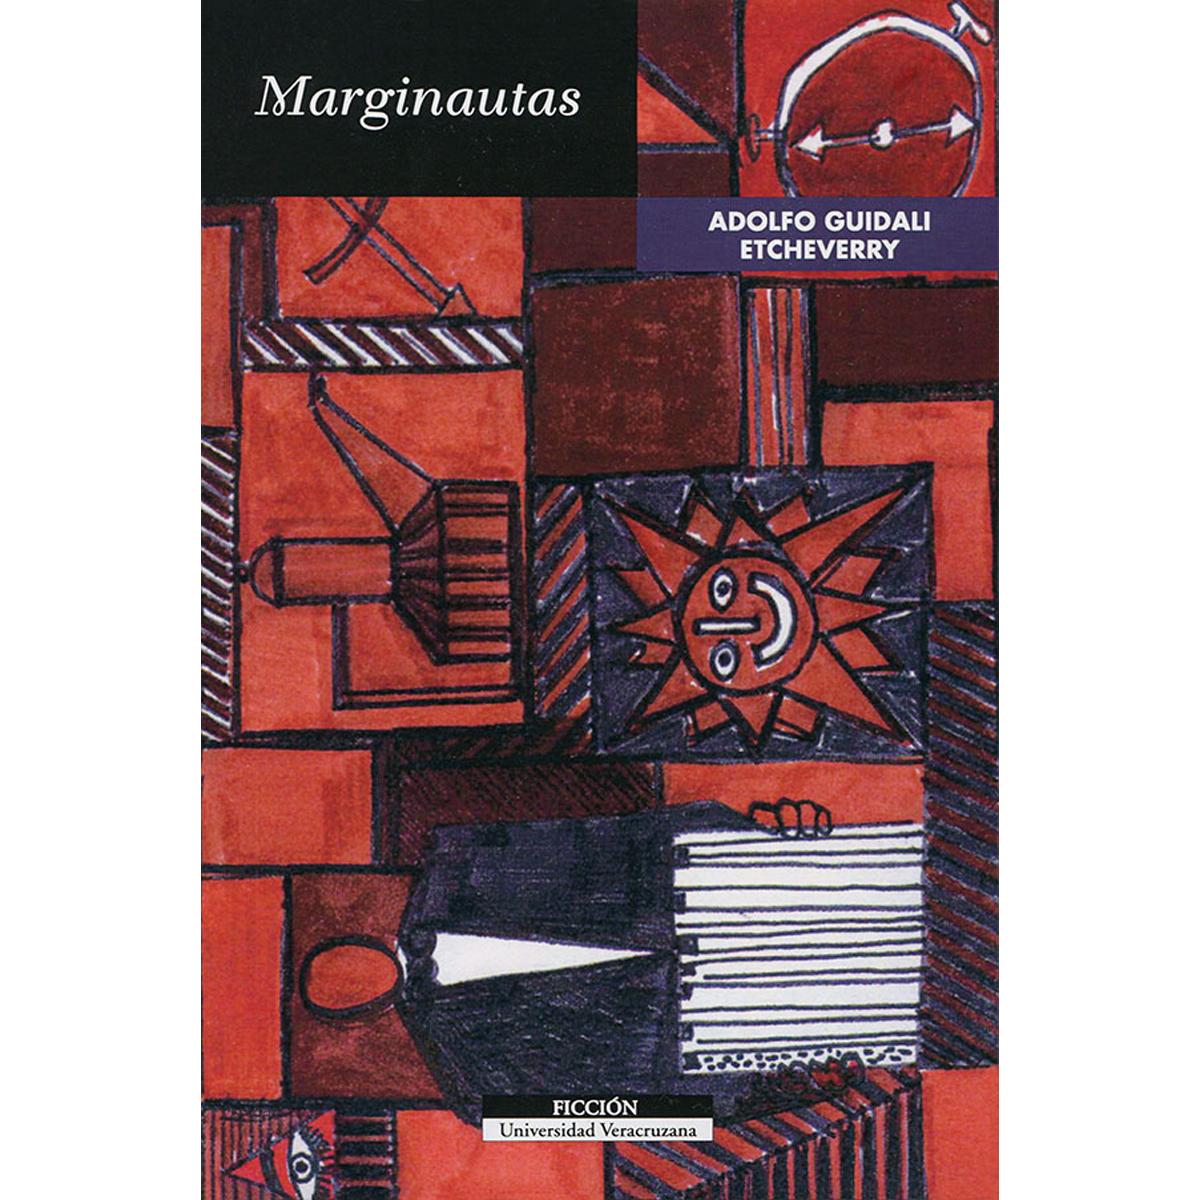 Marginautas